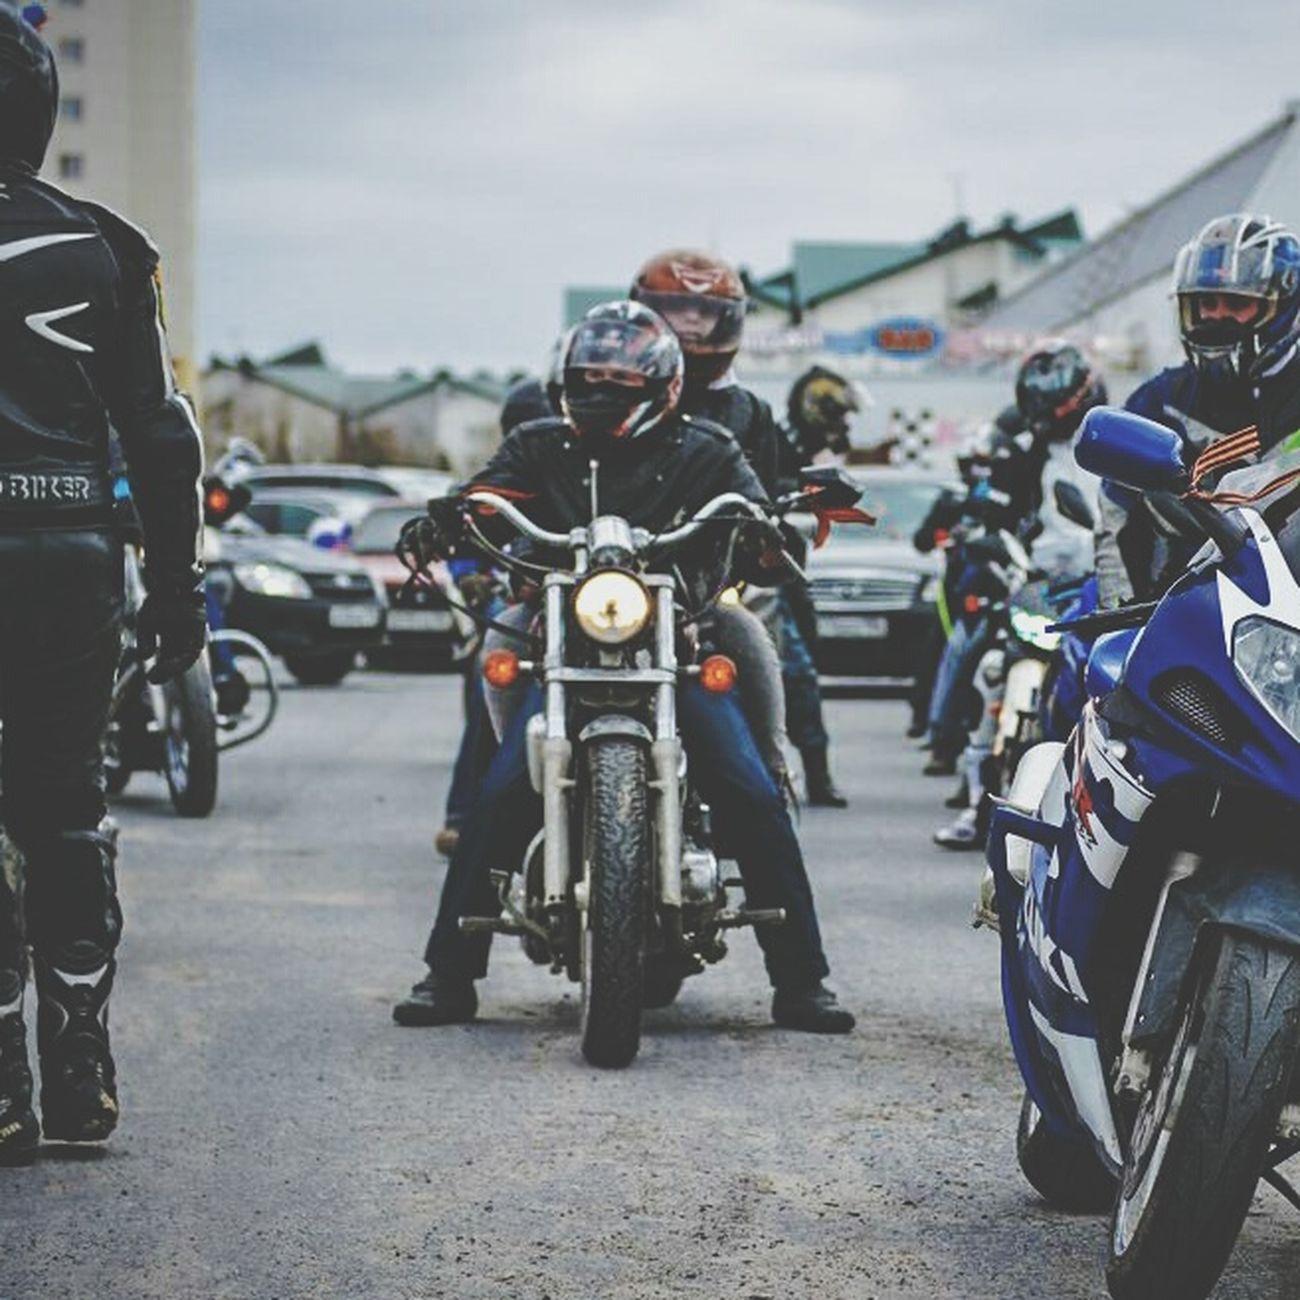 Хочу лето и мотоцикл. Еще полгода(( А в мае снова на открытие мотосезона и Байбалак ))